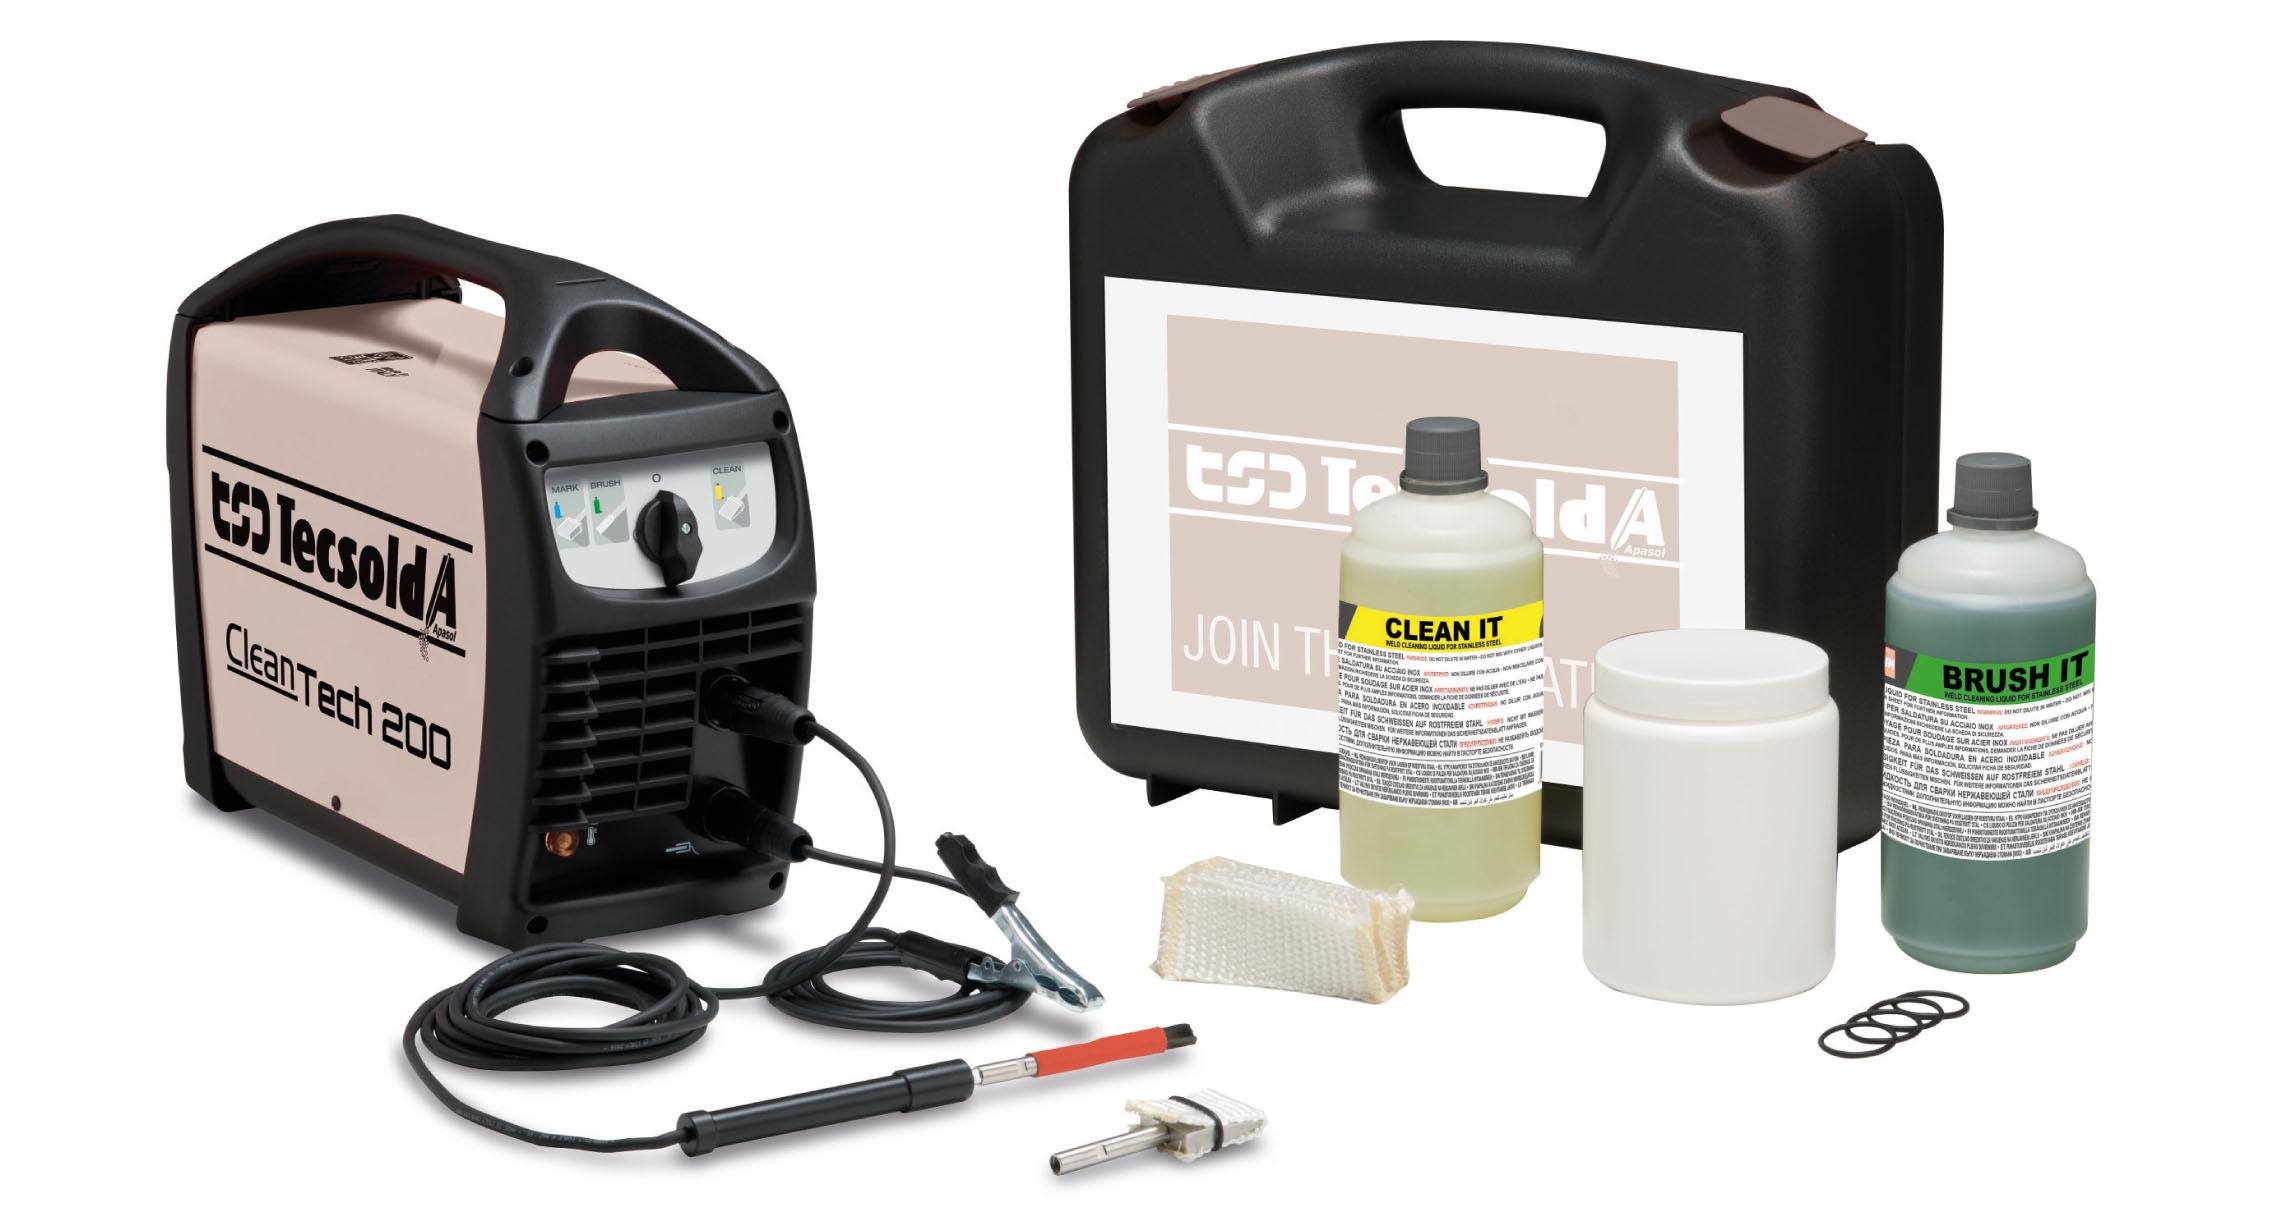 Kit de limpieza para soldadoras producto distribuido por TSD-Tecsolda